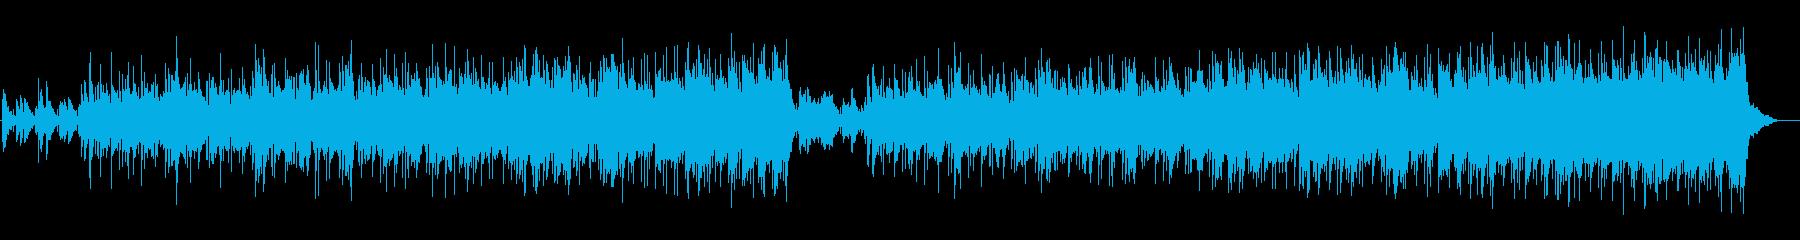 心洗われるハイセンスなミディアムバラードの再生済みの波形